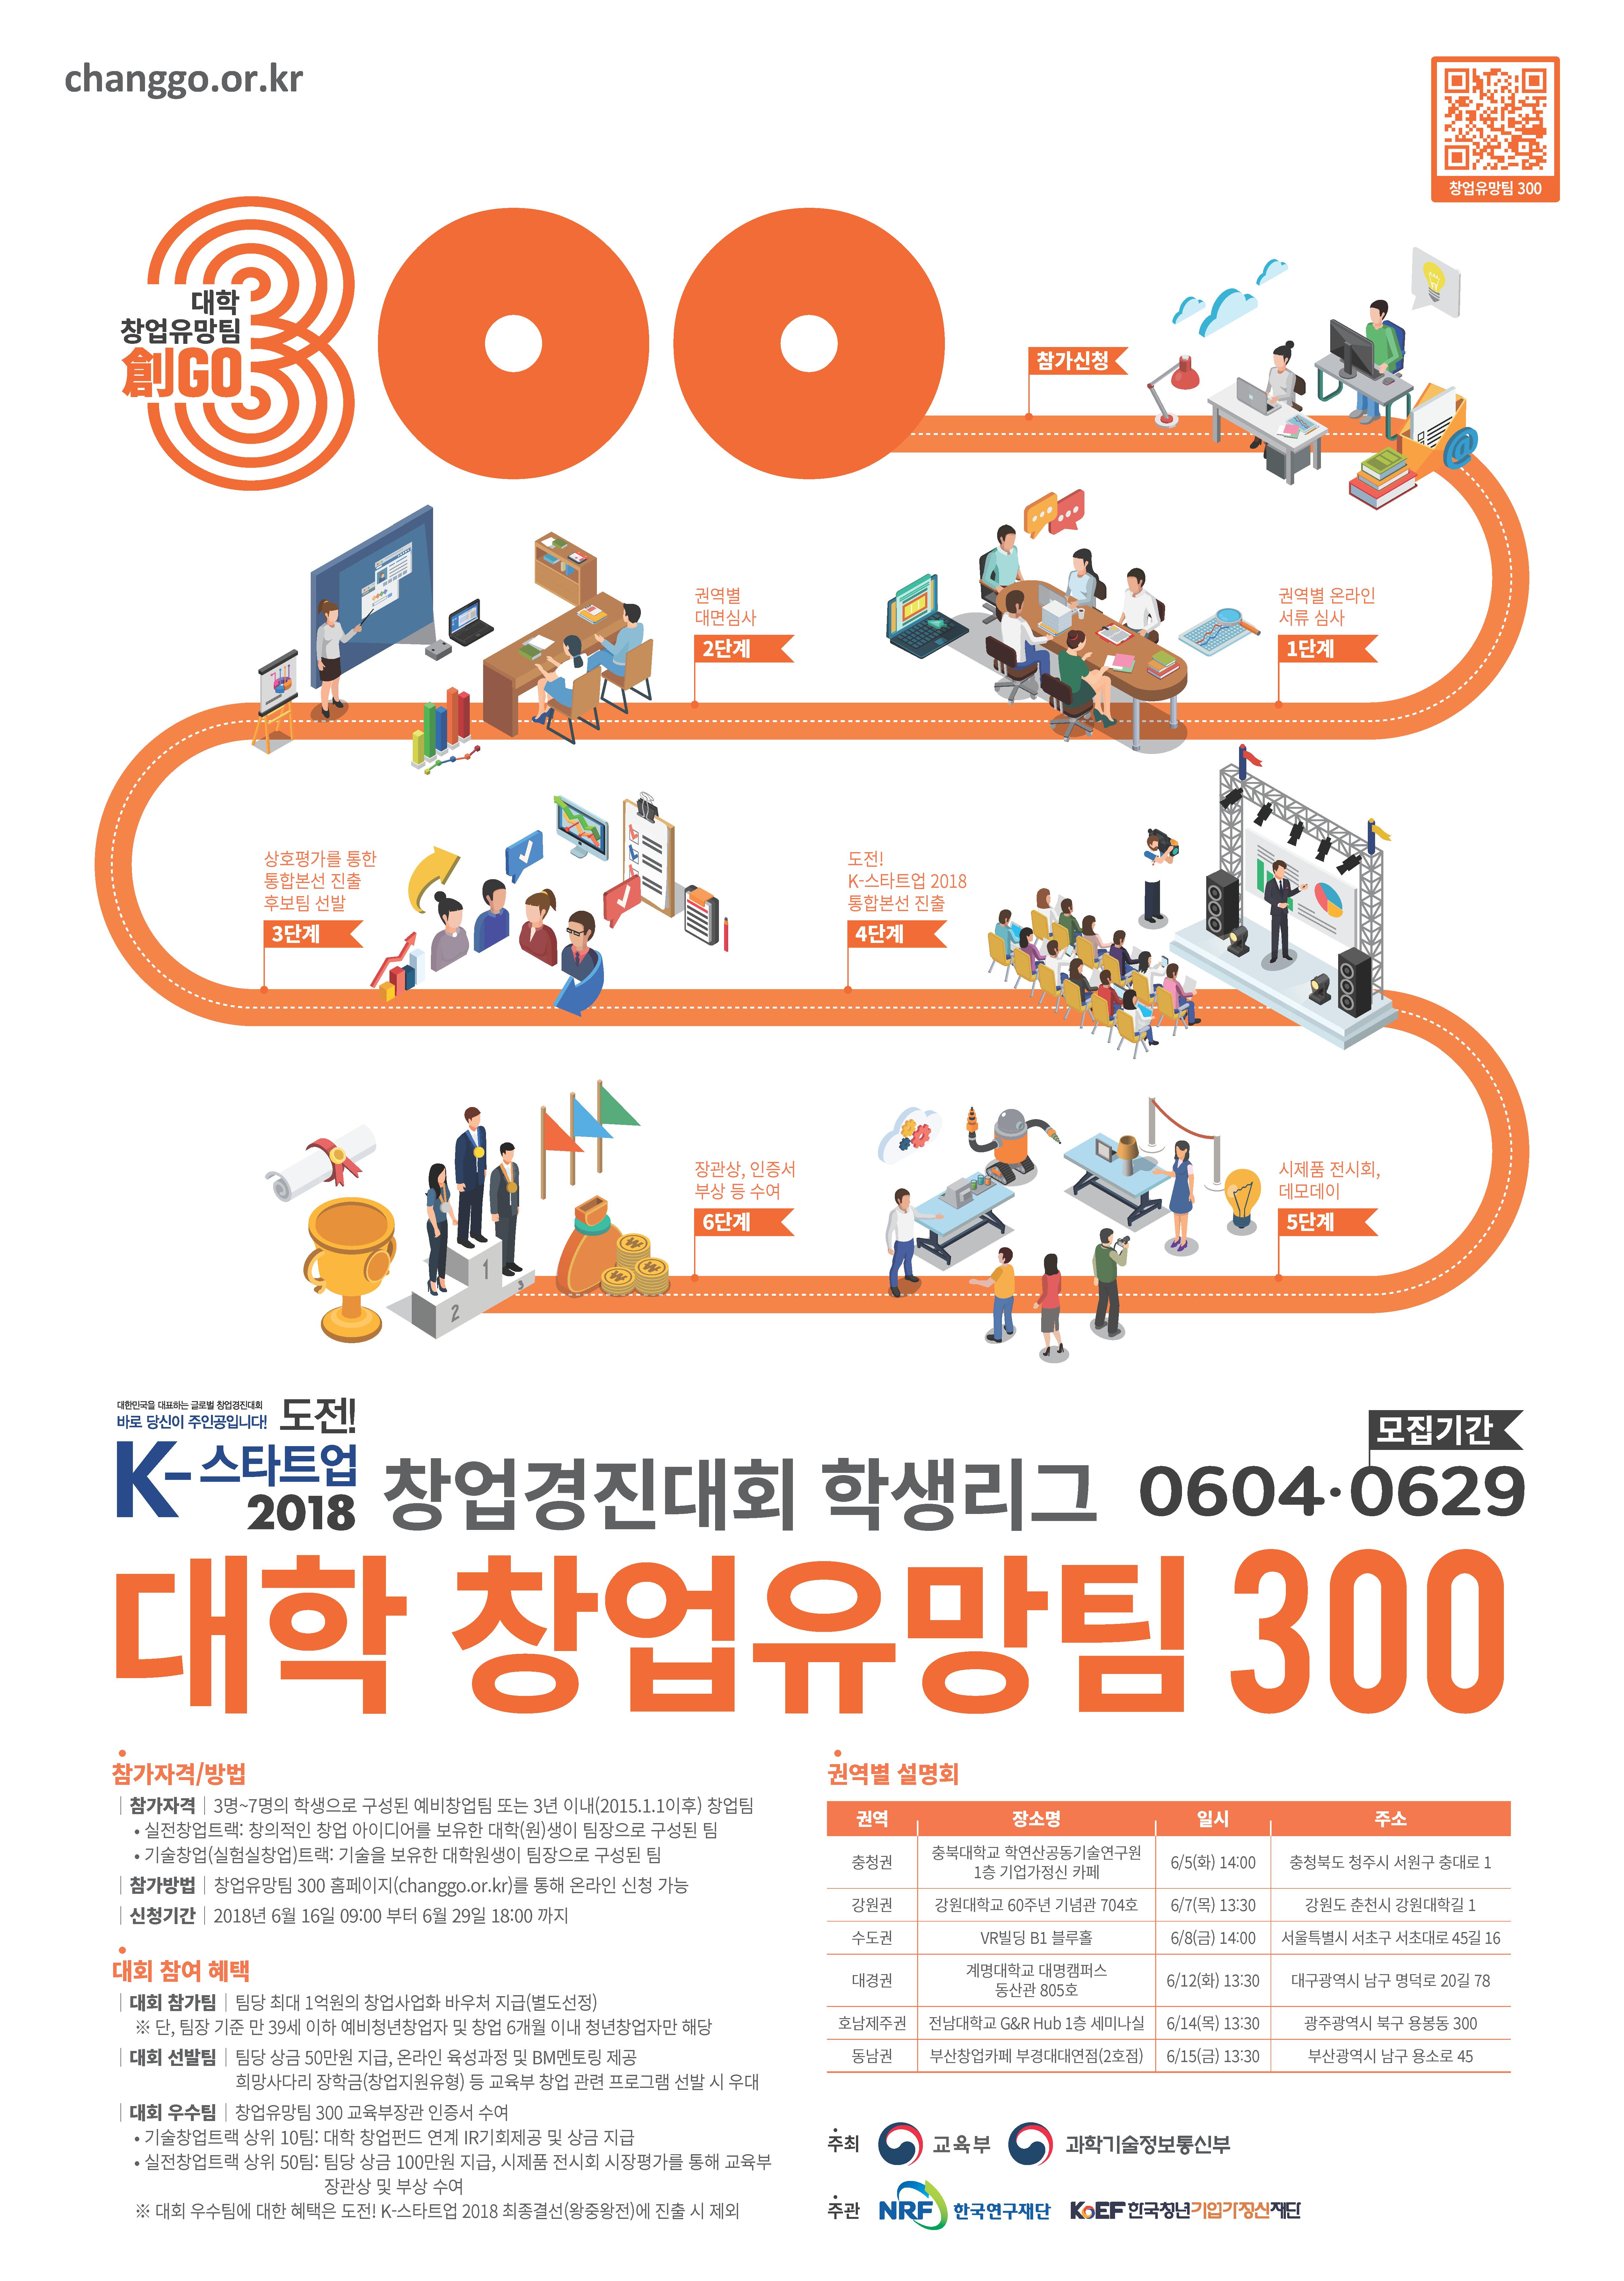 [홍보] 2018 대학 창업유망팀 300 경진대회 안내